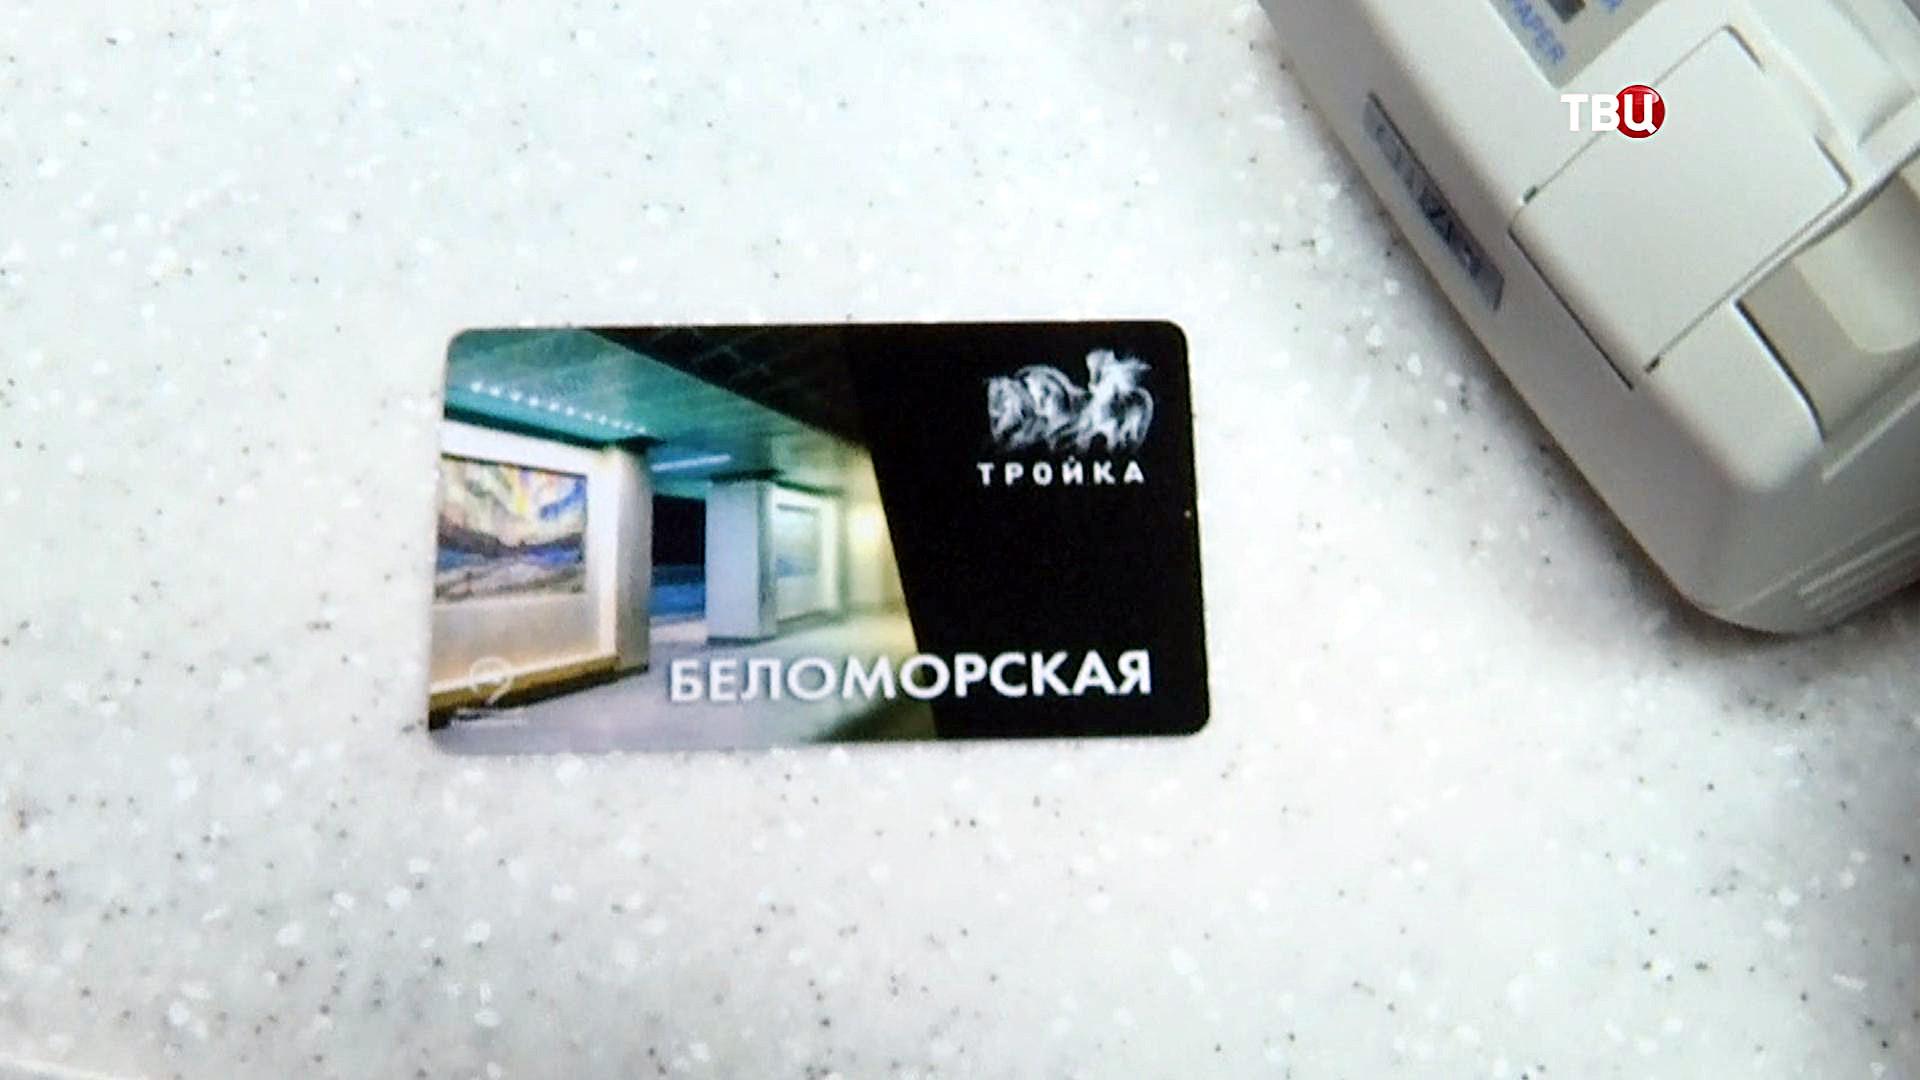 """Проездной с картинкой станции метро """"Беломорская"""""""